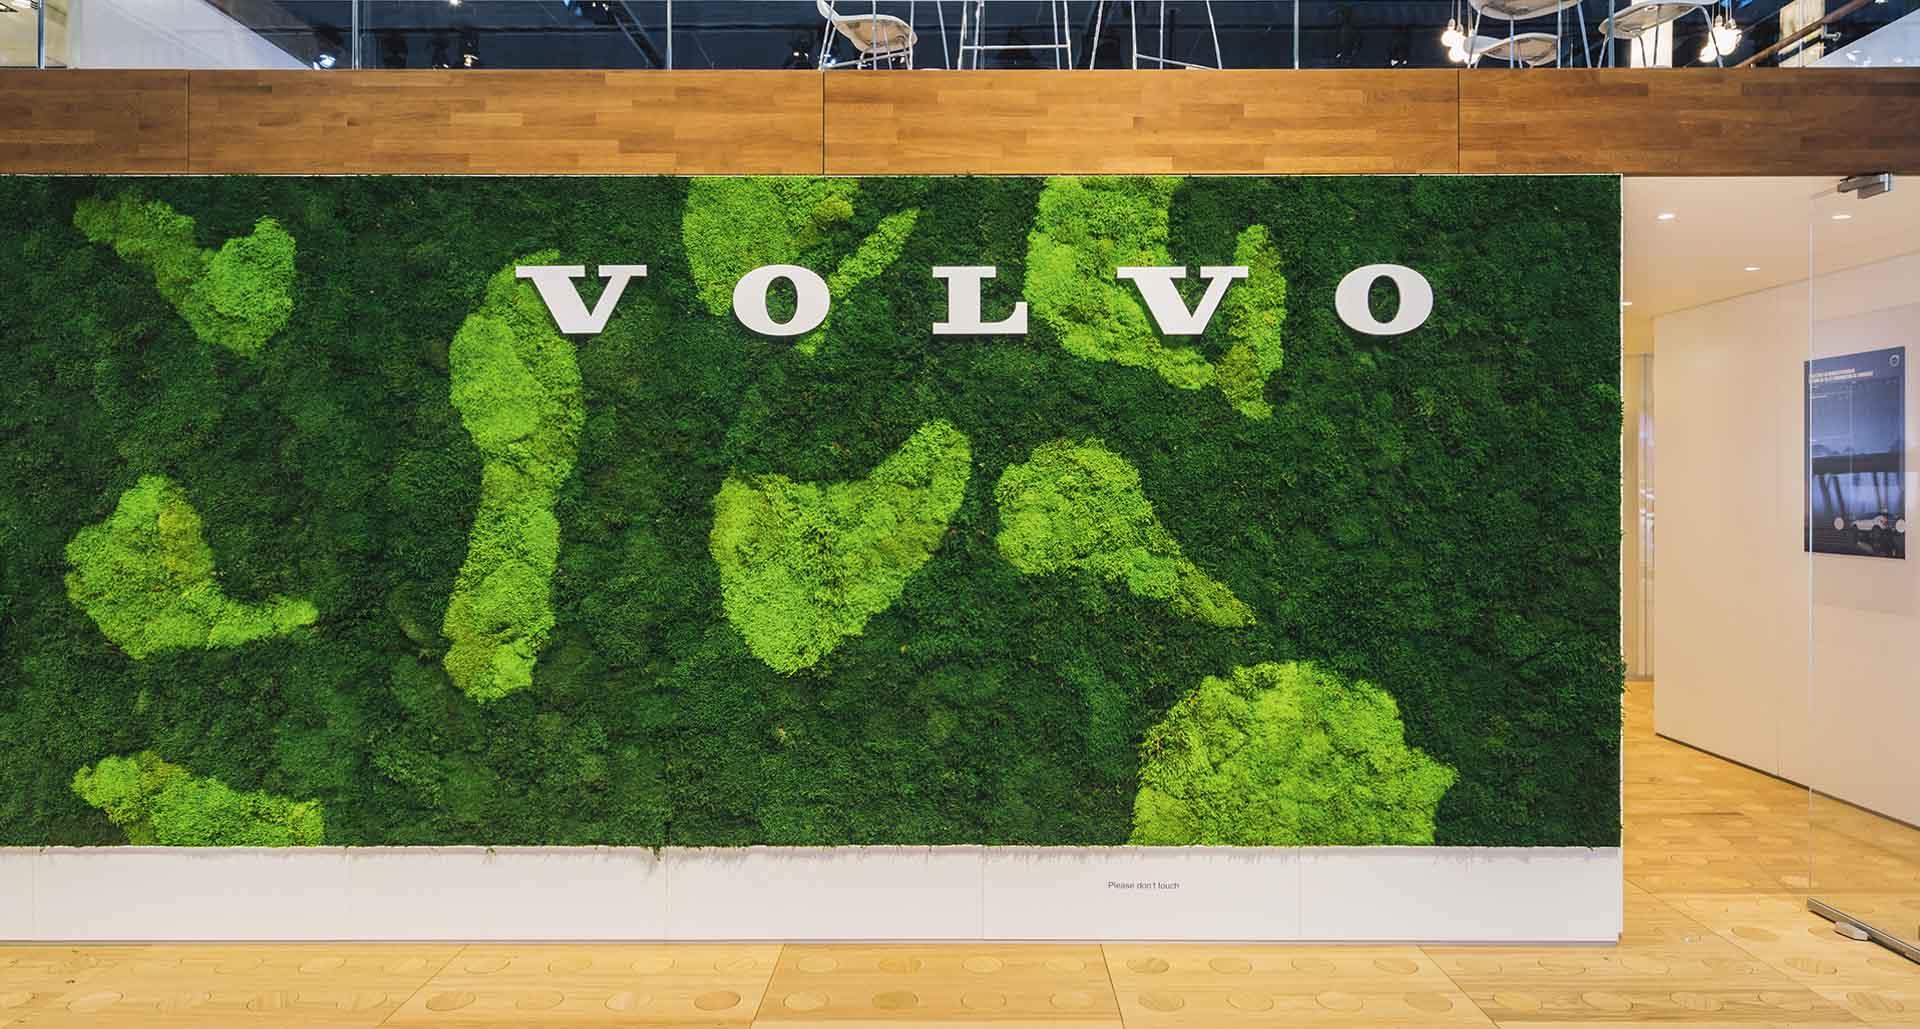 Mooswand aus Ballenmoos mit Logo Volvo